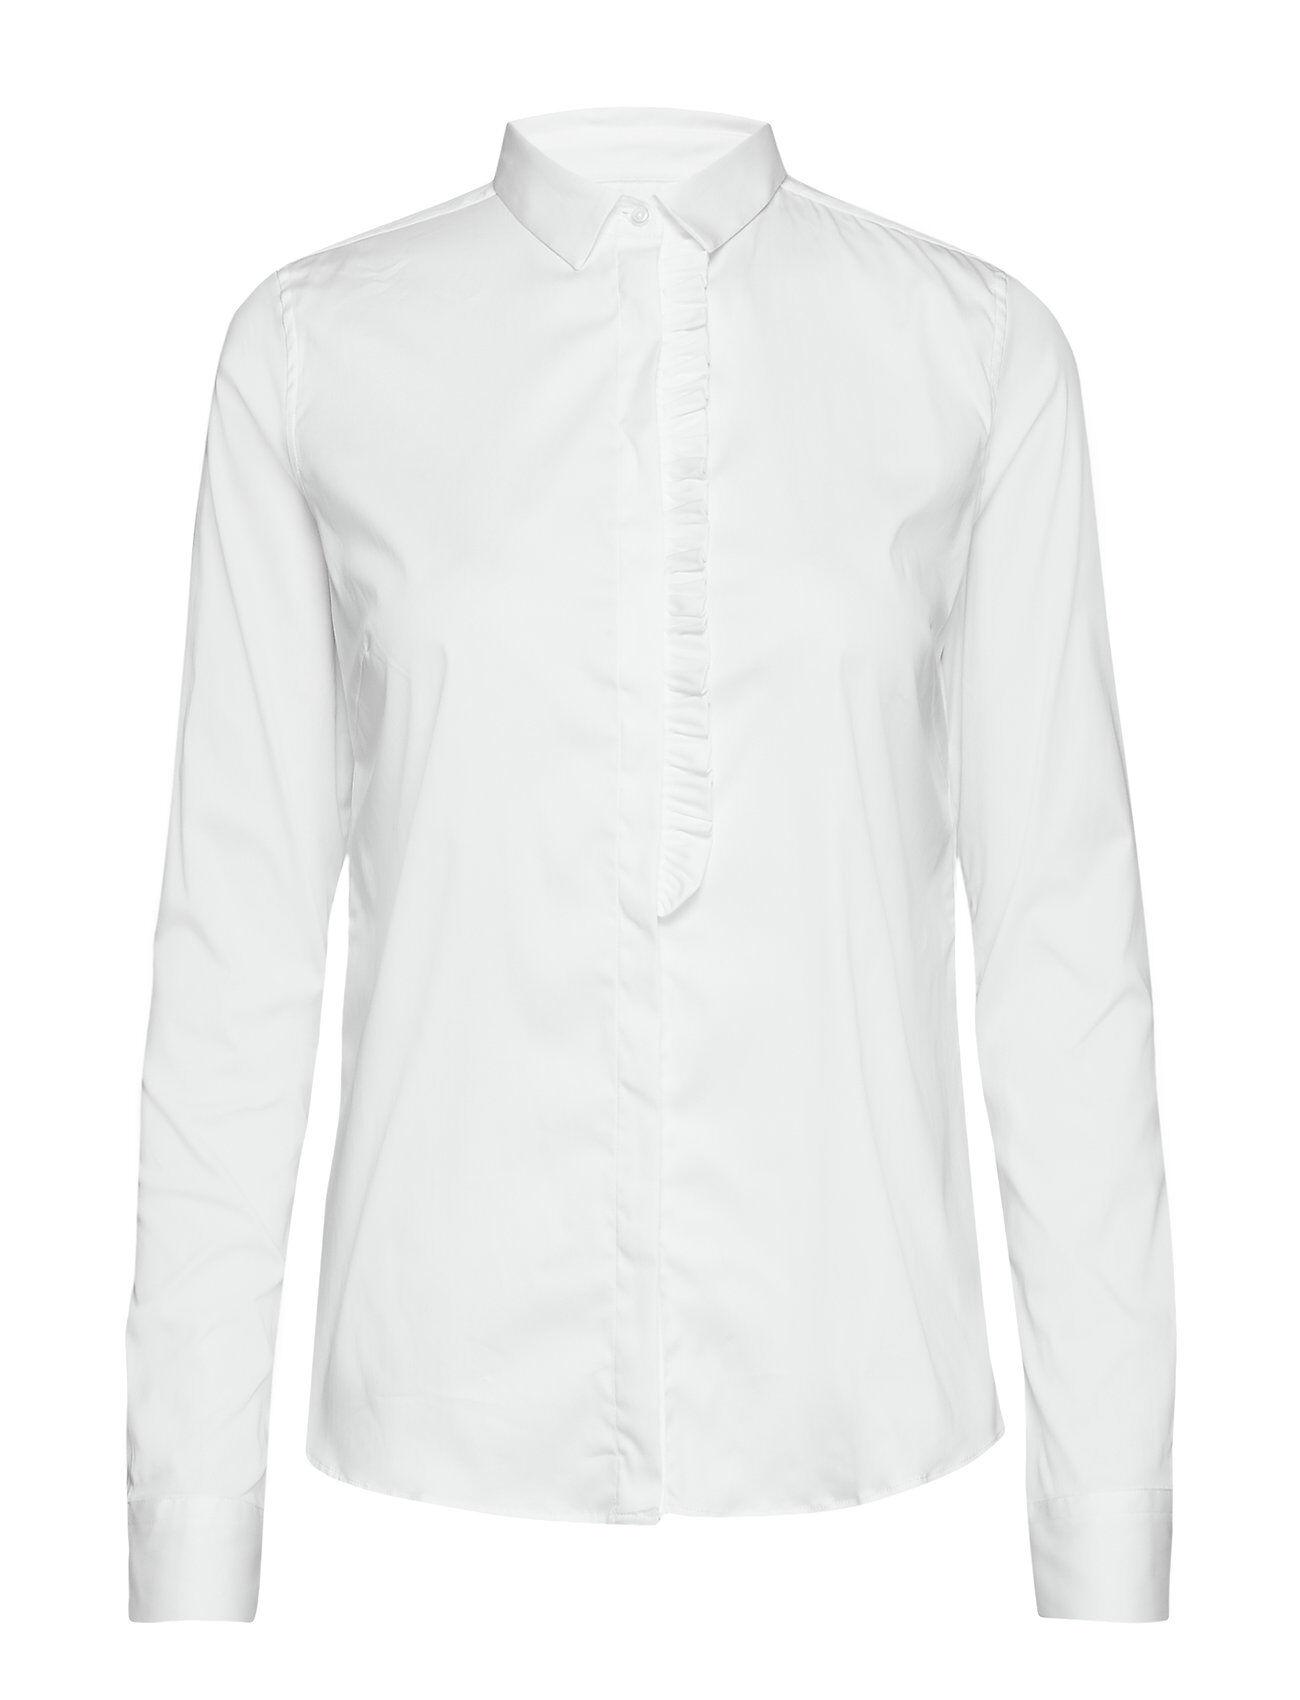 MOS MOSH Tilda Frill Shirt Pitkähihainen Paita Valkoinen